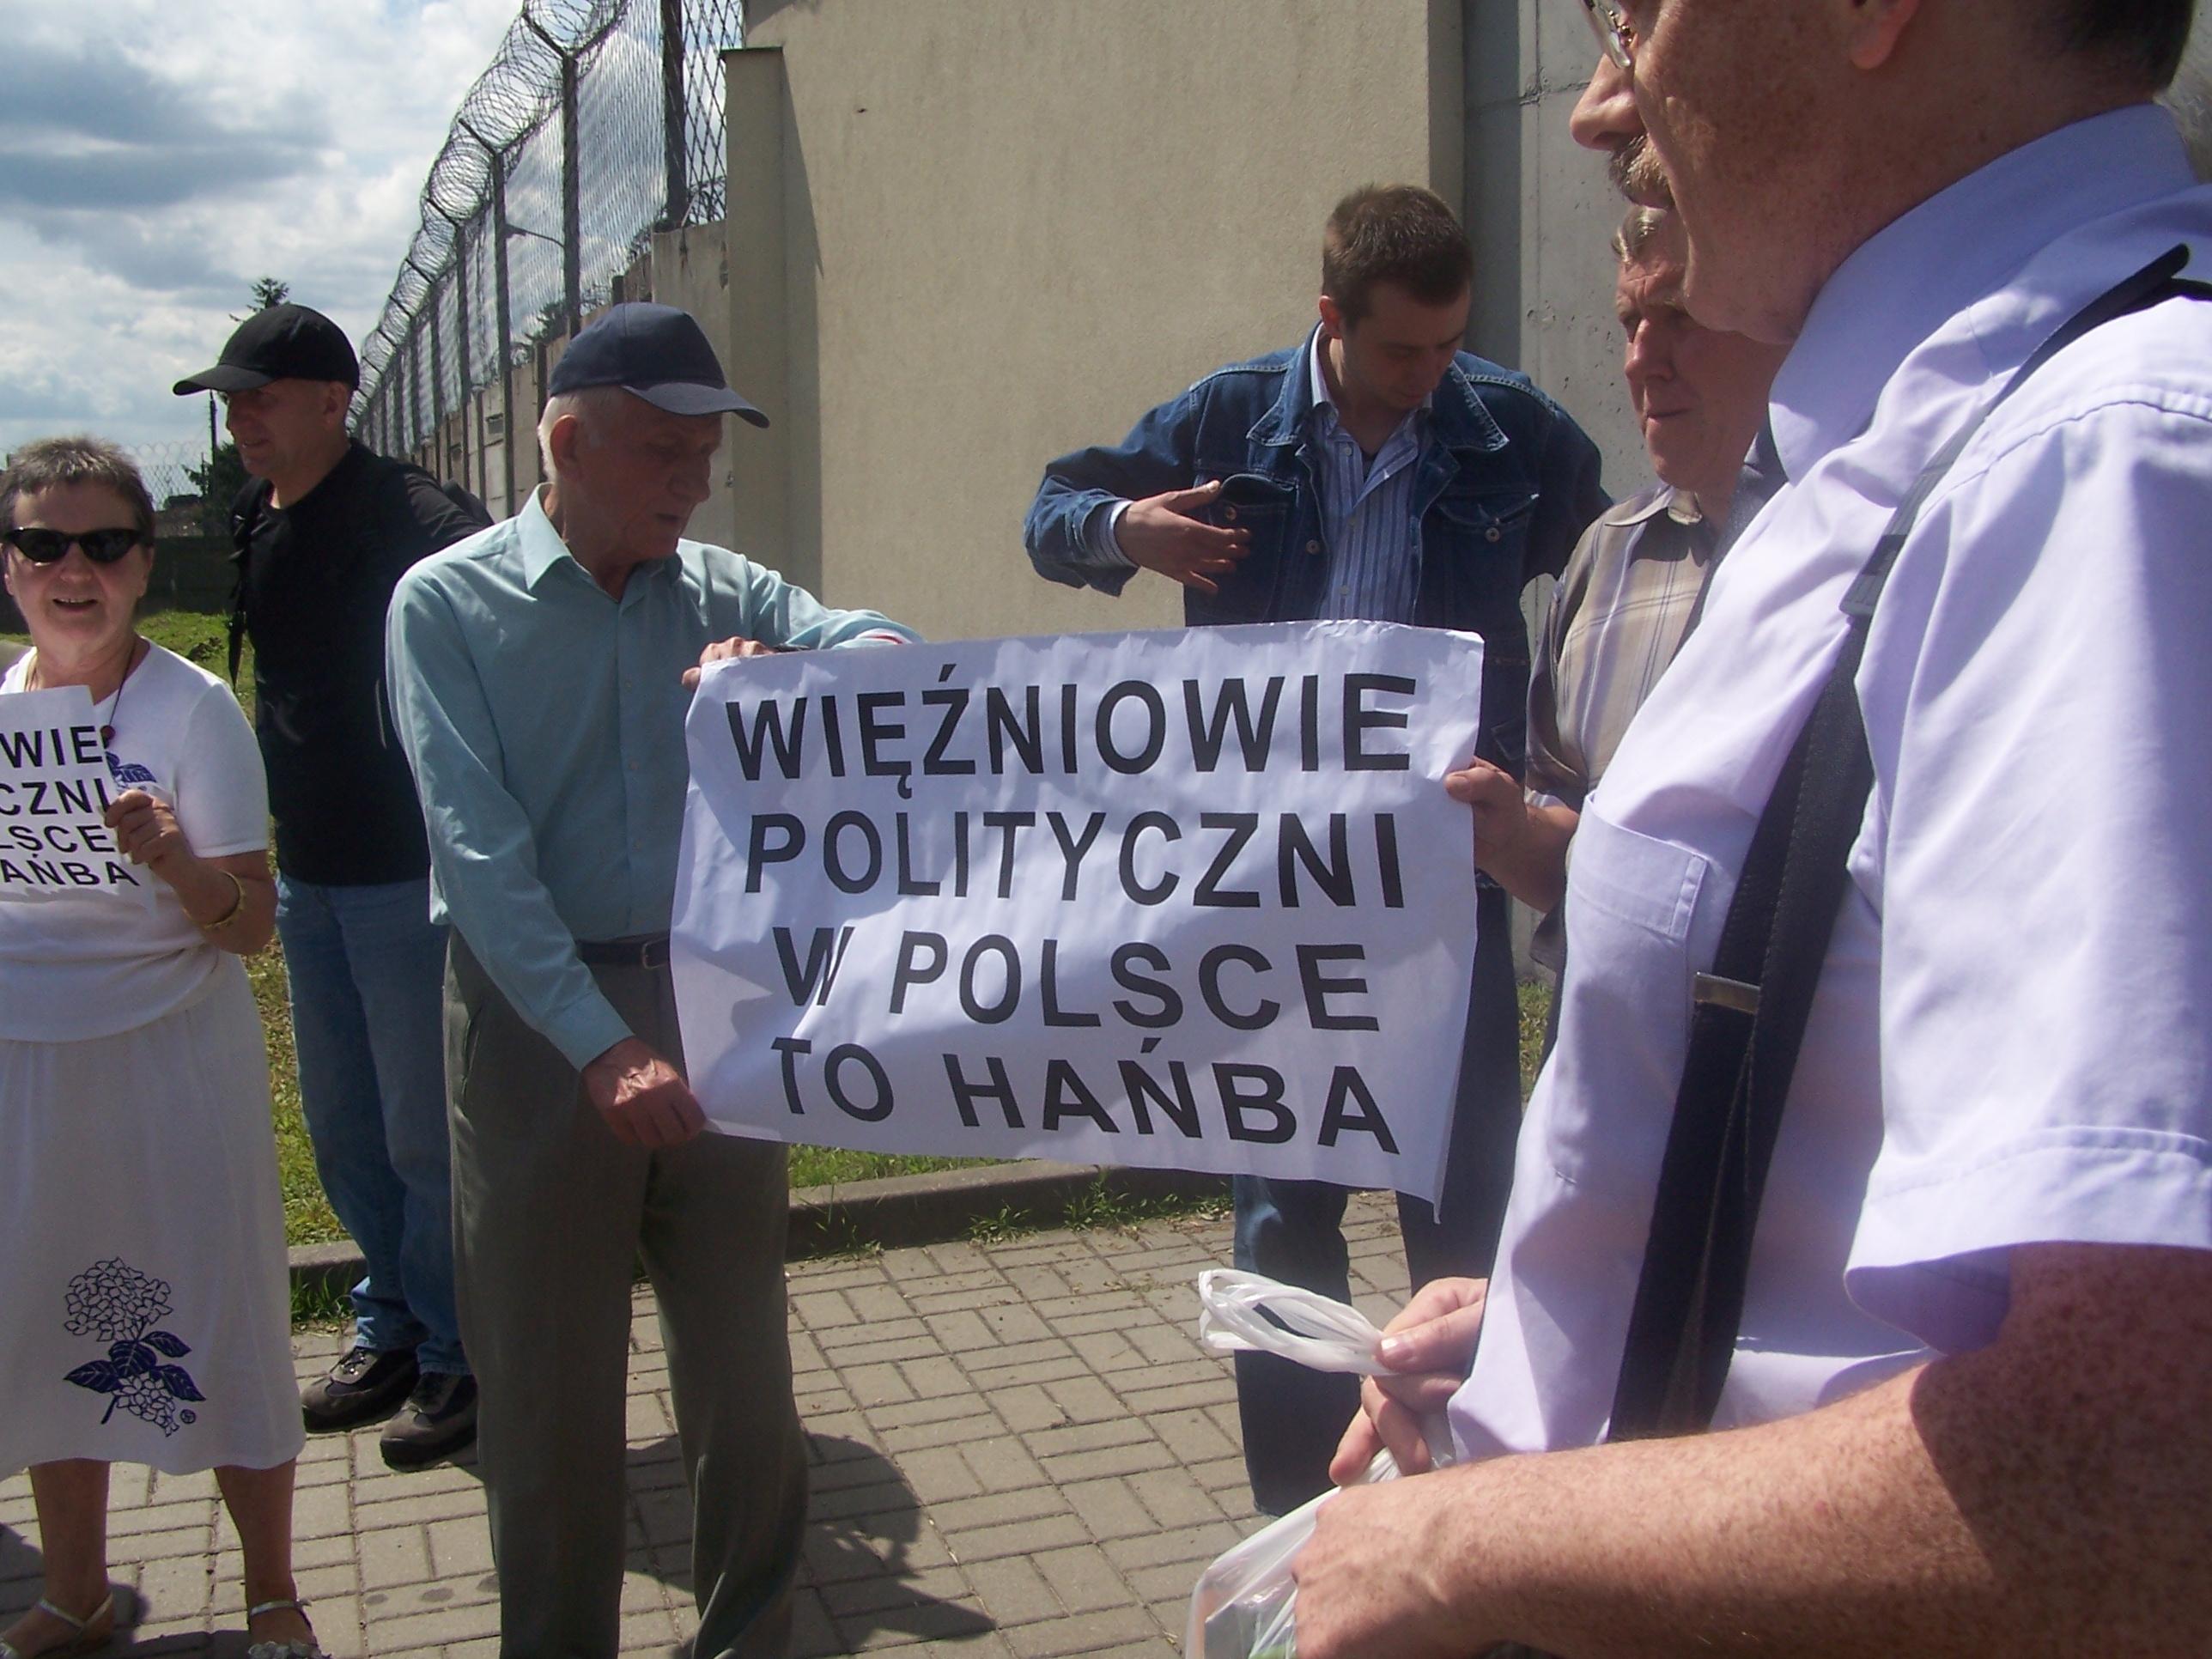 WOLNY CZYN: Więźniowie polityczni? Jacy więźniowie?